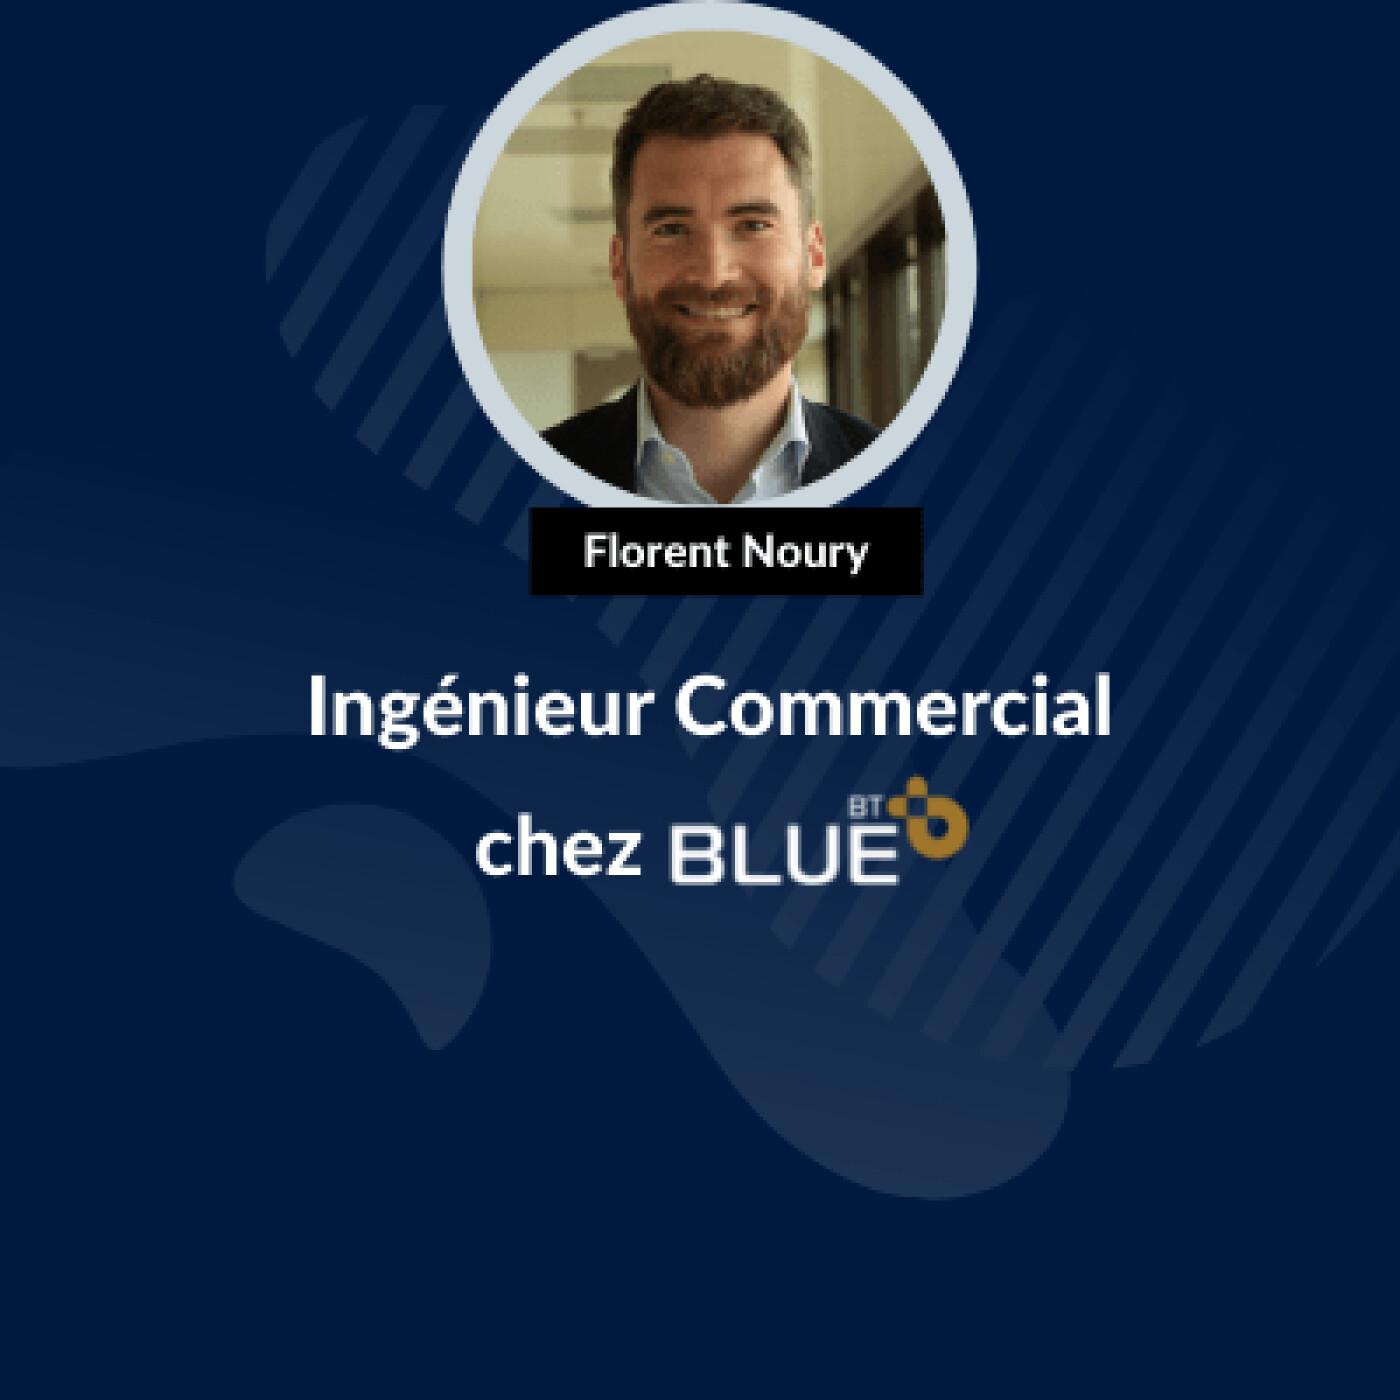 Les coolisses by BLUE - Florent Noury - Ingénieur Commercial